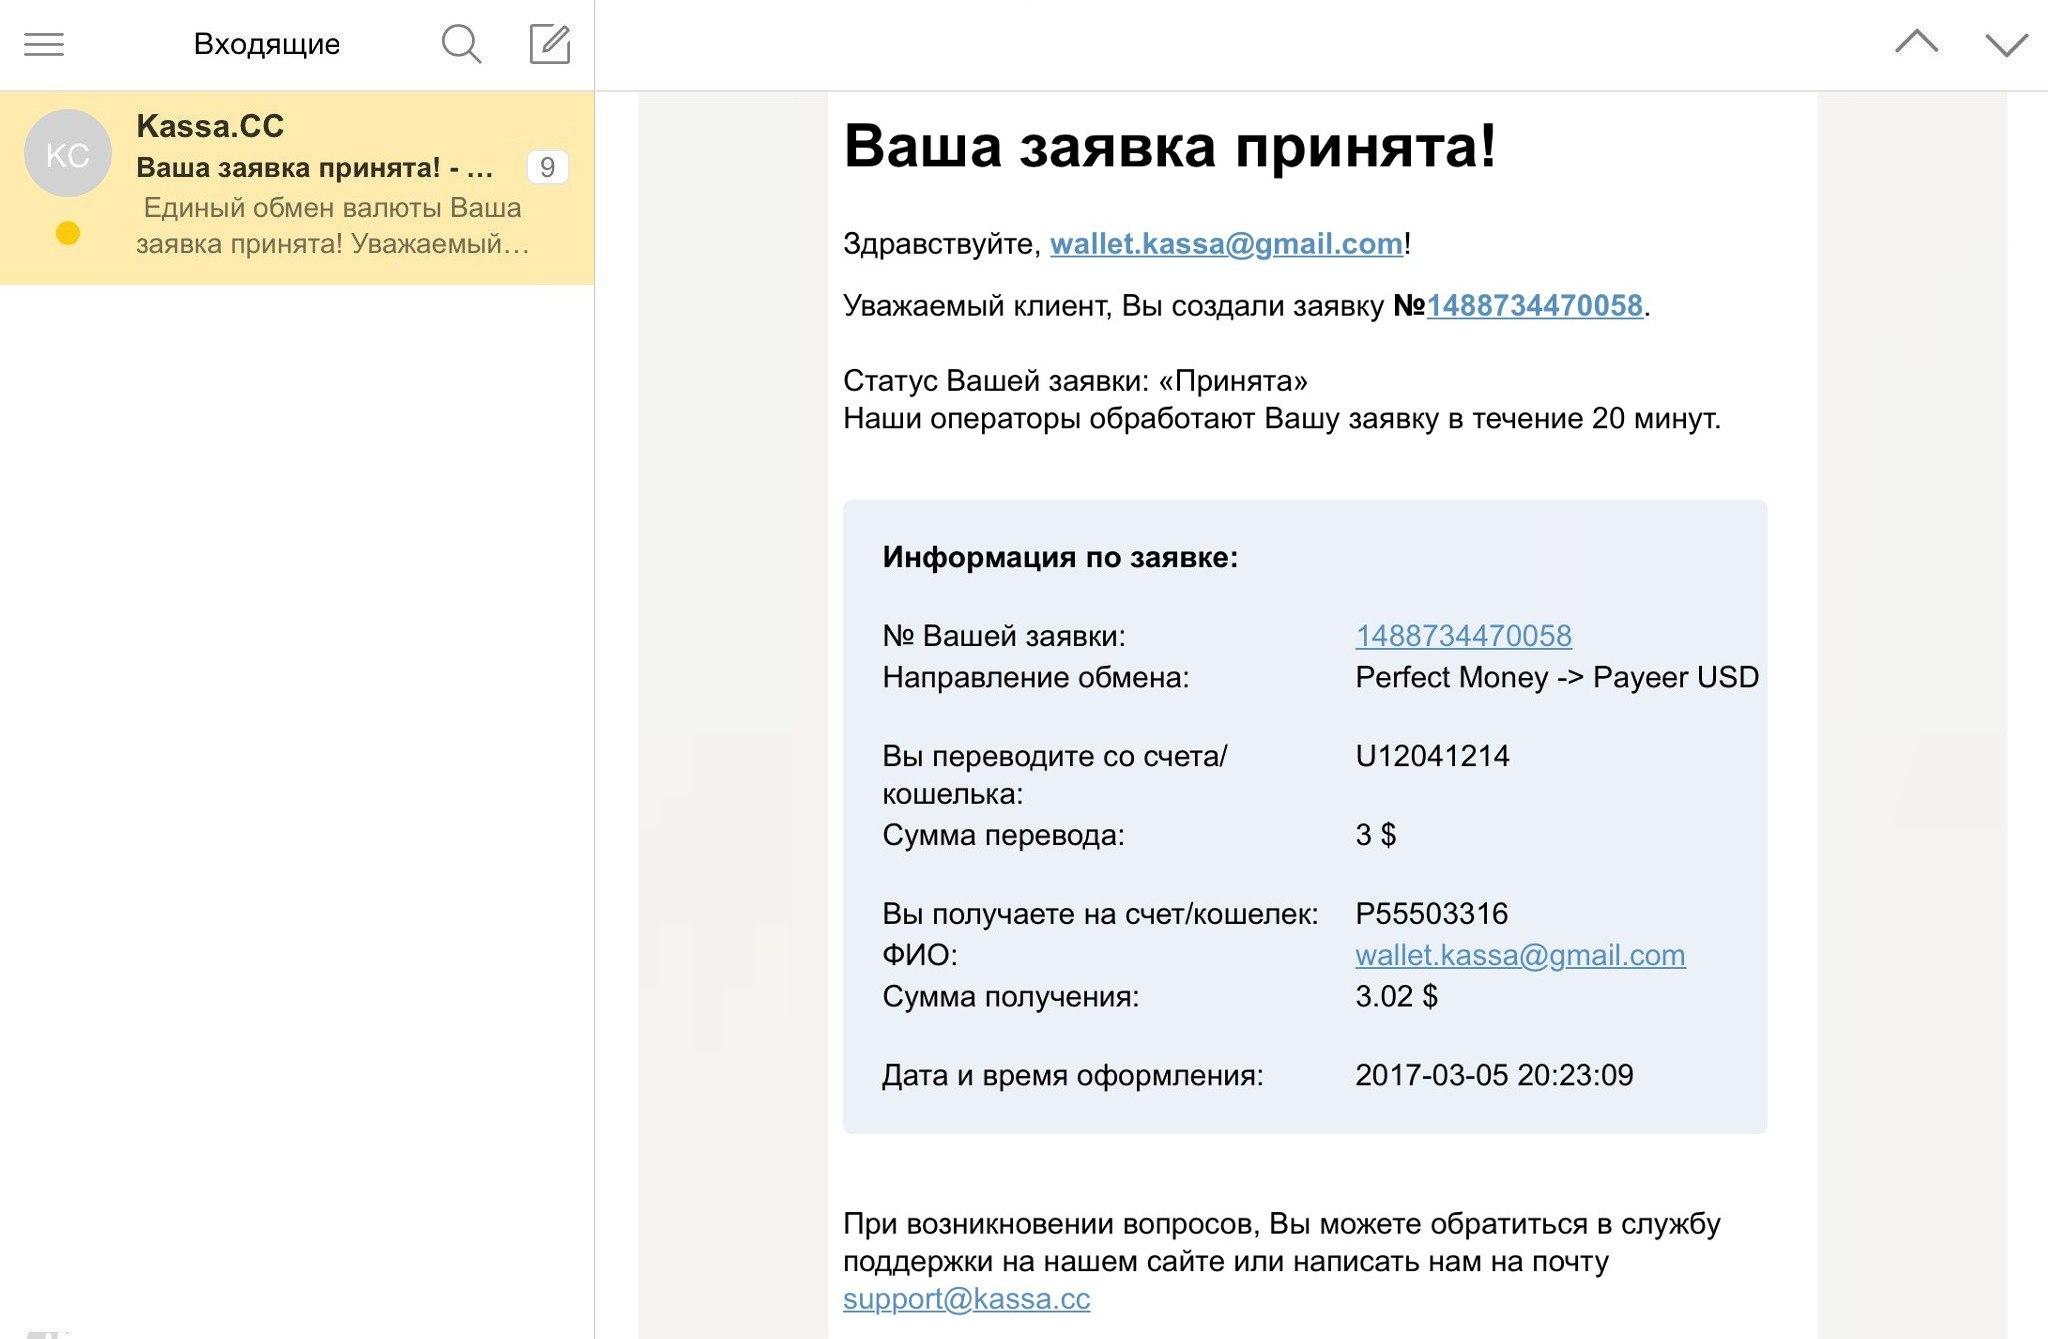 Kassa.cc - единый обмен валюты. Обмен Perfect Money USD на Payeer USD